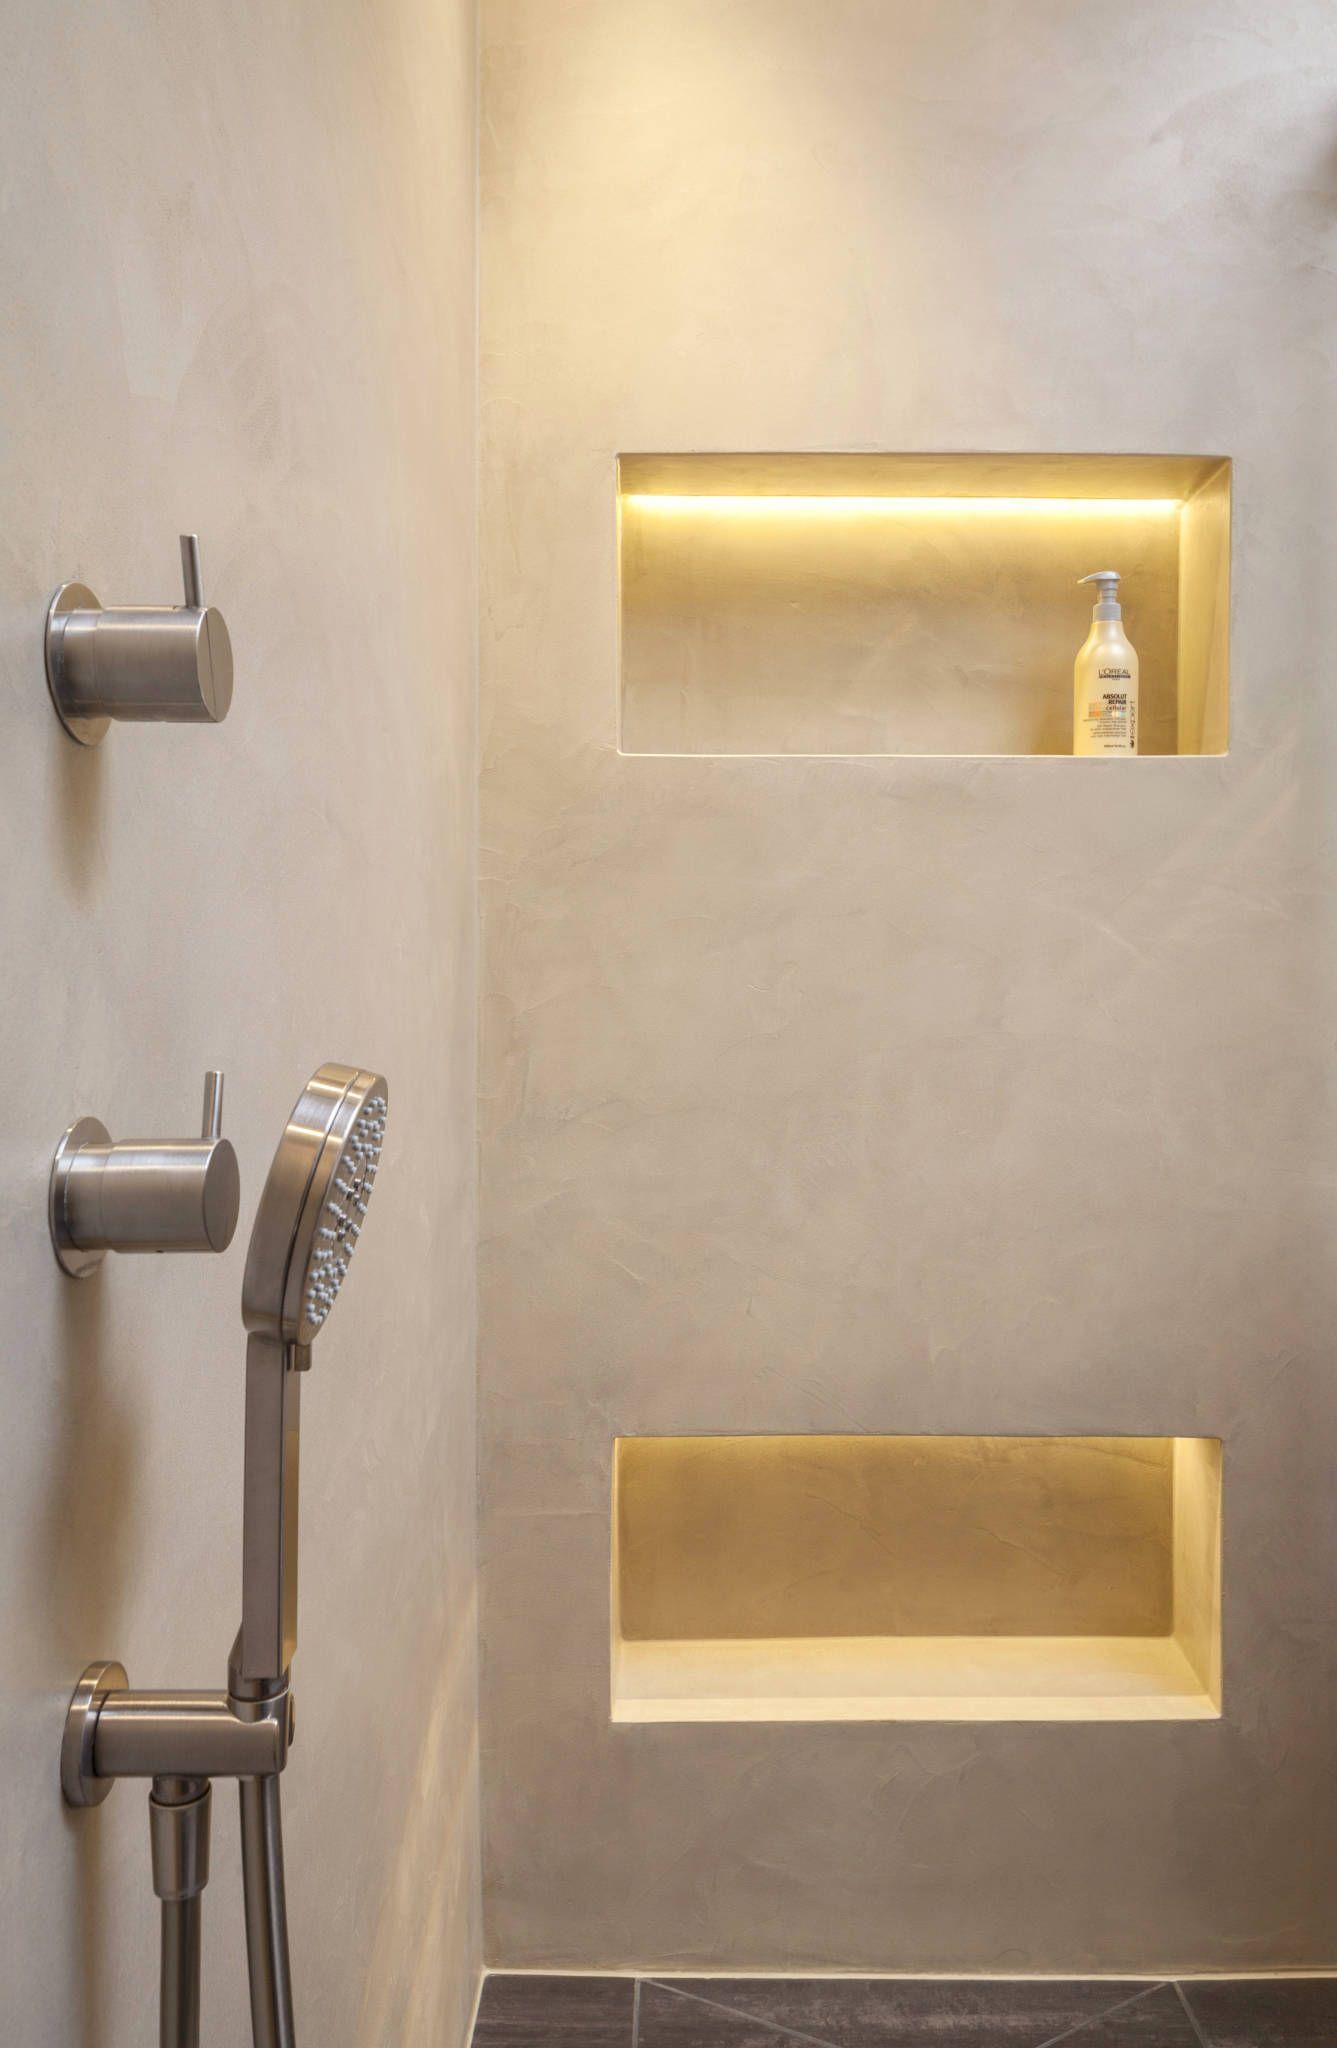 badezimmer outlet bewährte pic und acfcffecadacf